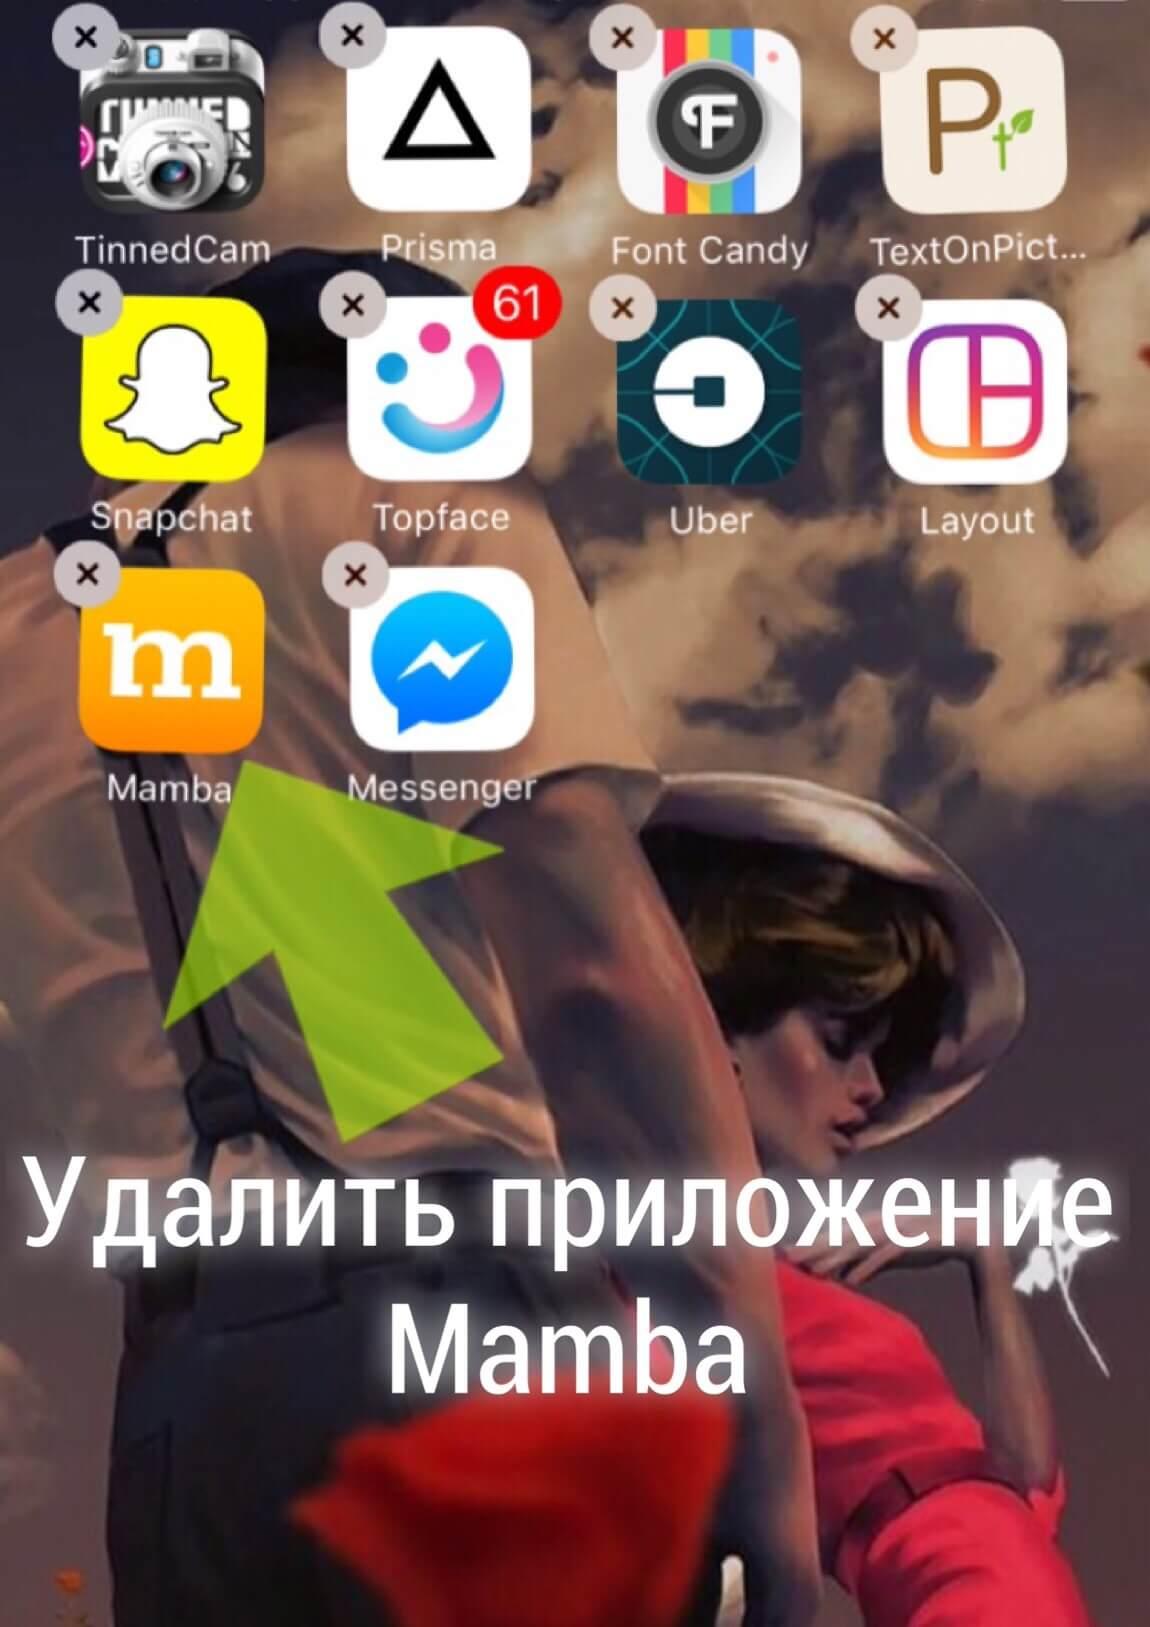 скачат приложение мамба